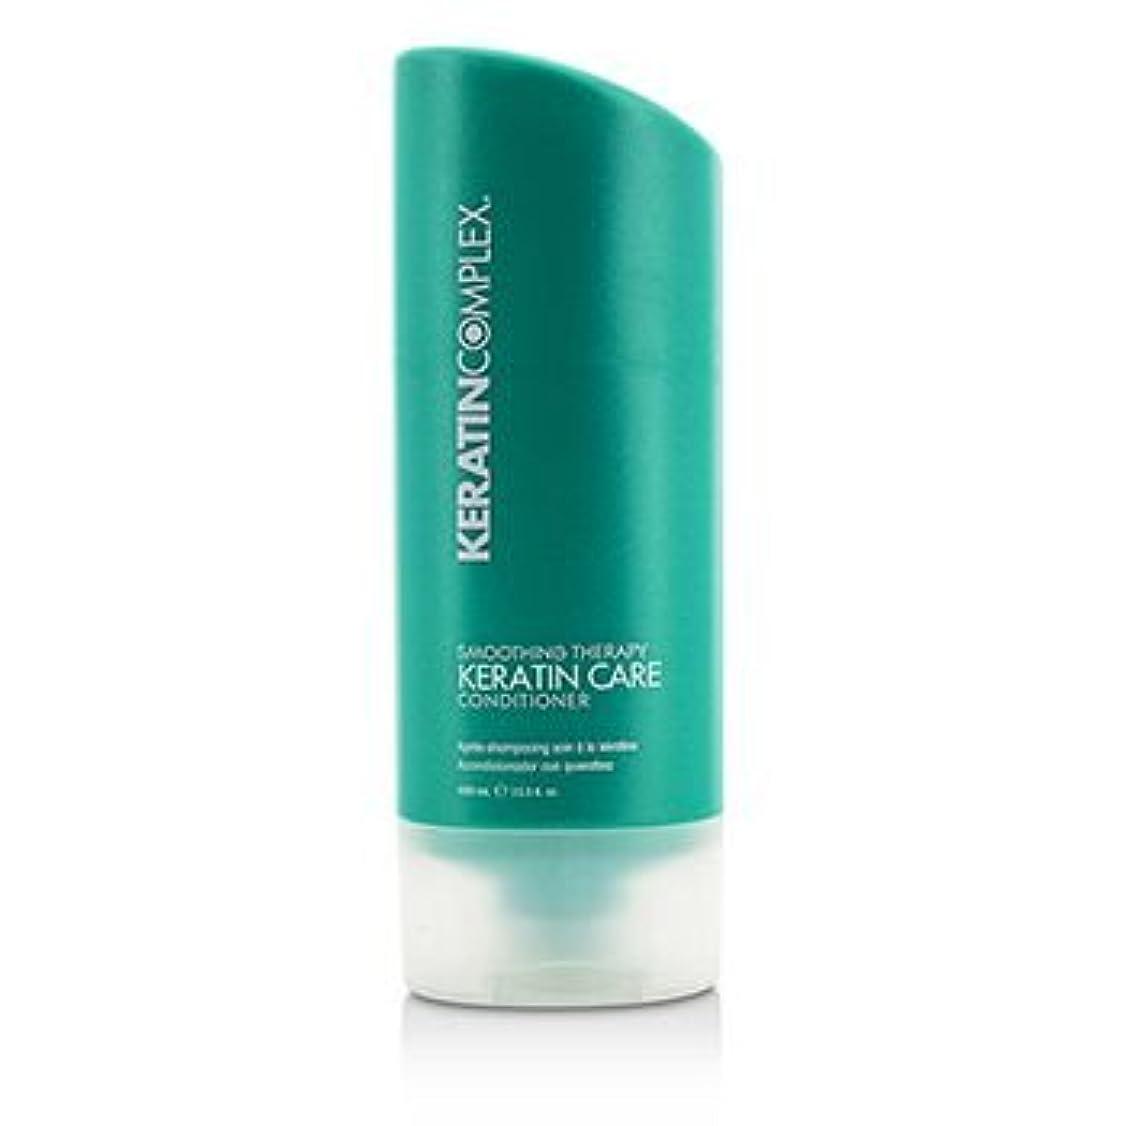 に渡って逆佐賀[Keratin Complex] Smoothing Therapy Keratin Care Conditioner (For All Hair Types) 1000ml/33.8oz